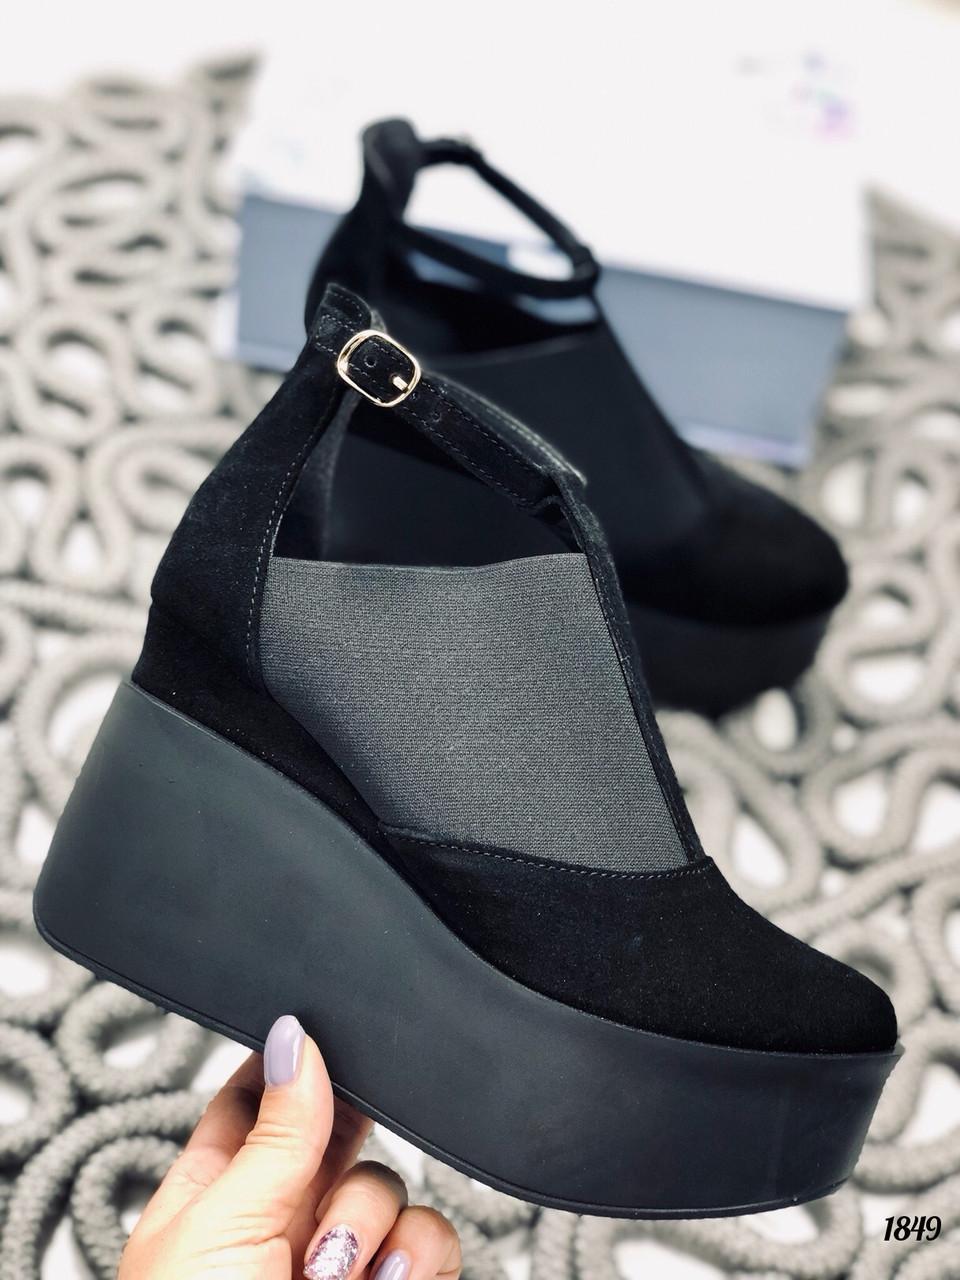 41 р. Туфли женские черные замшевые, из натуральной замши, натуральная замша